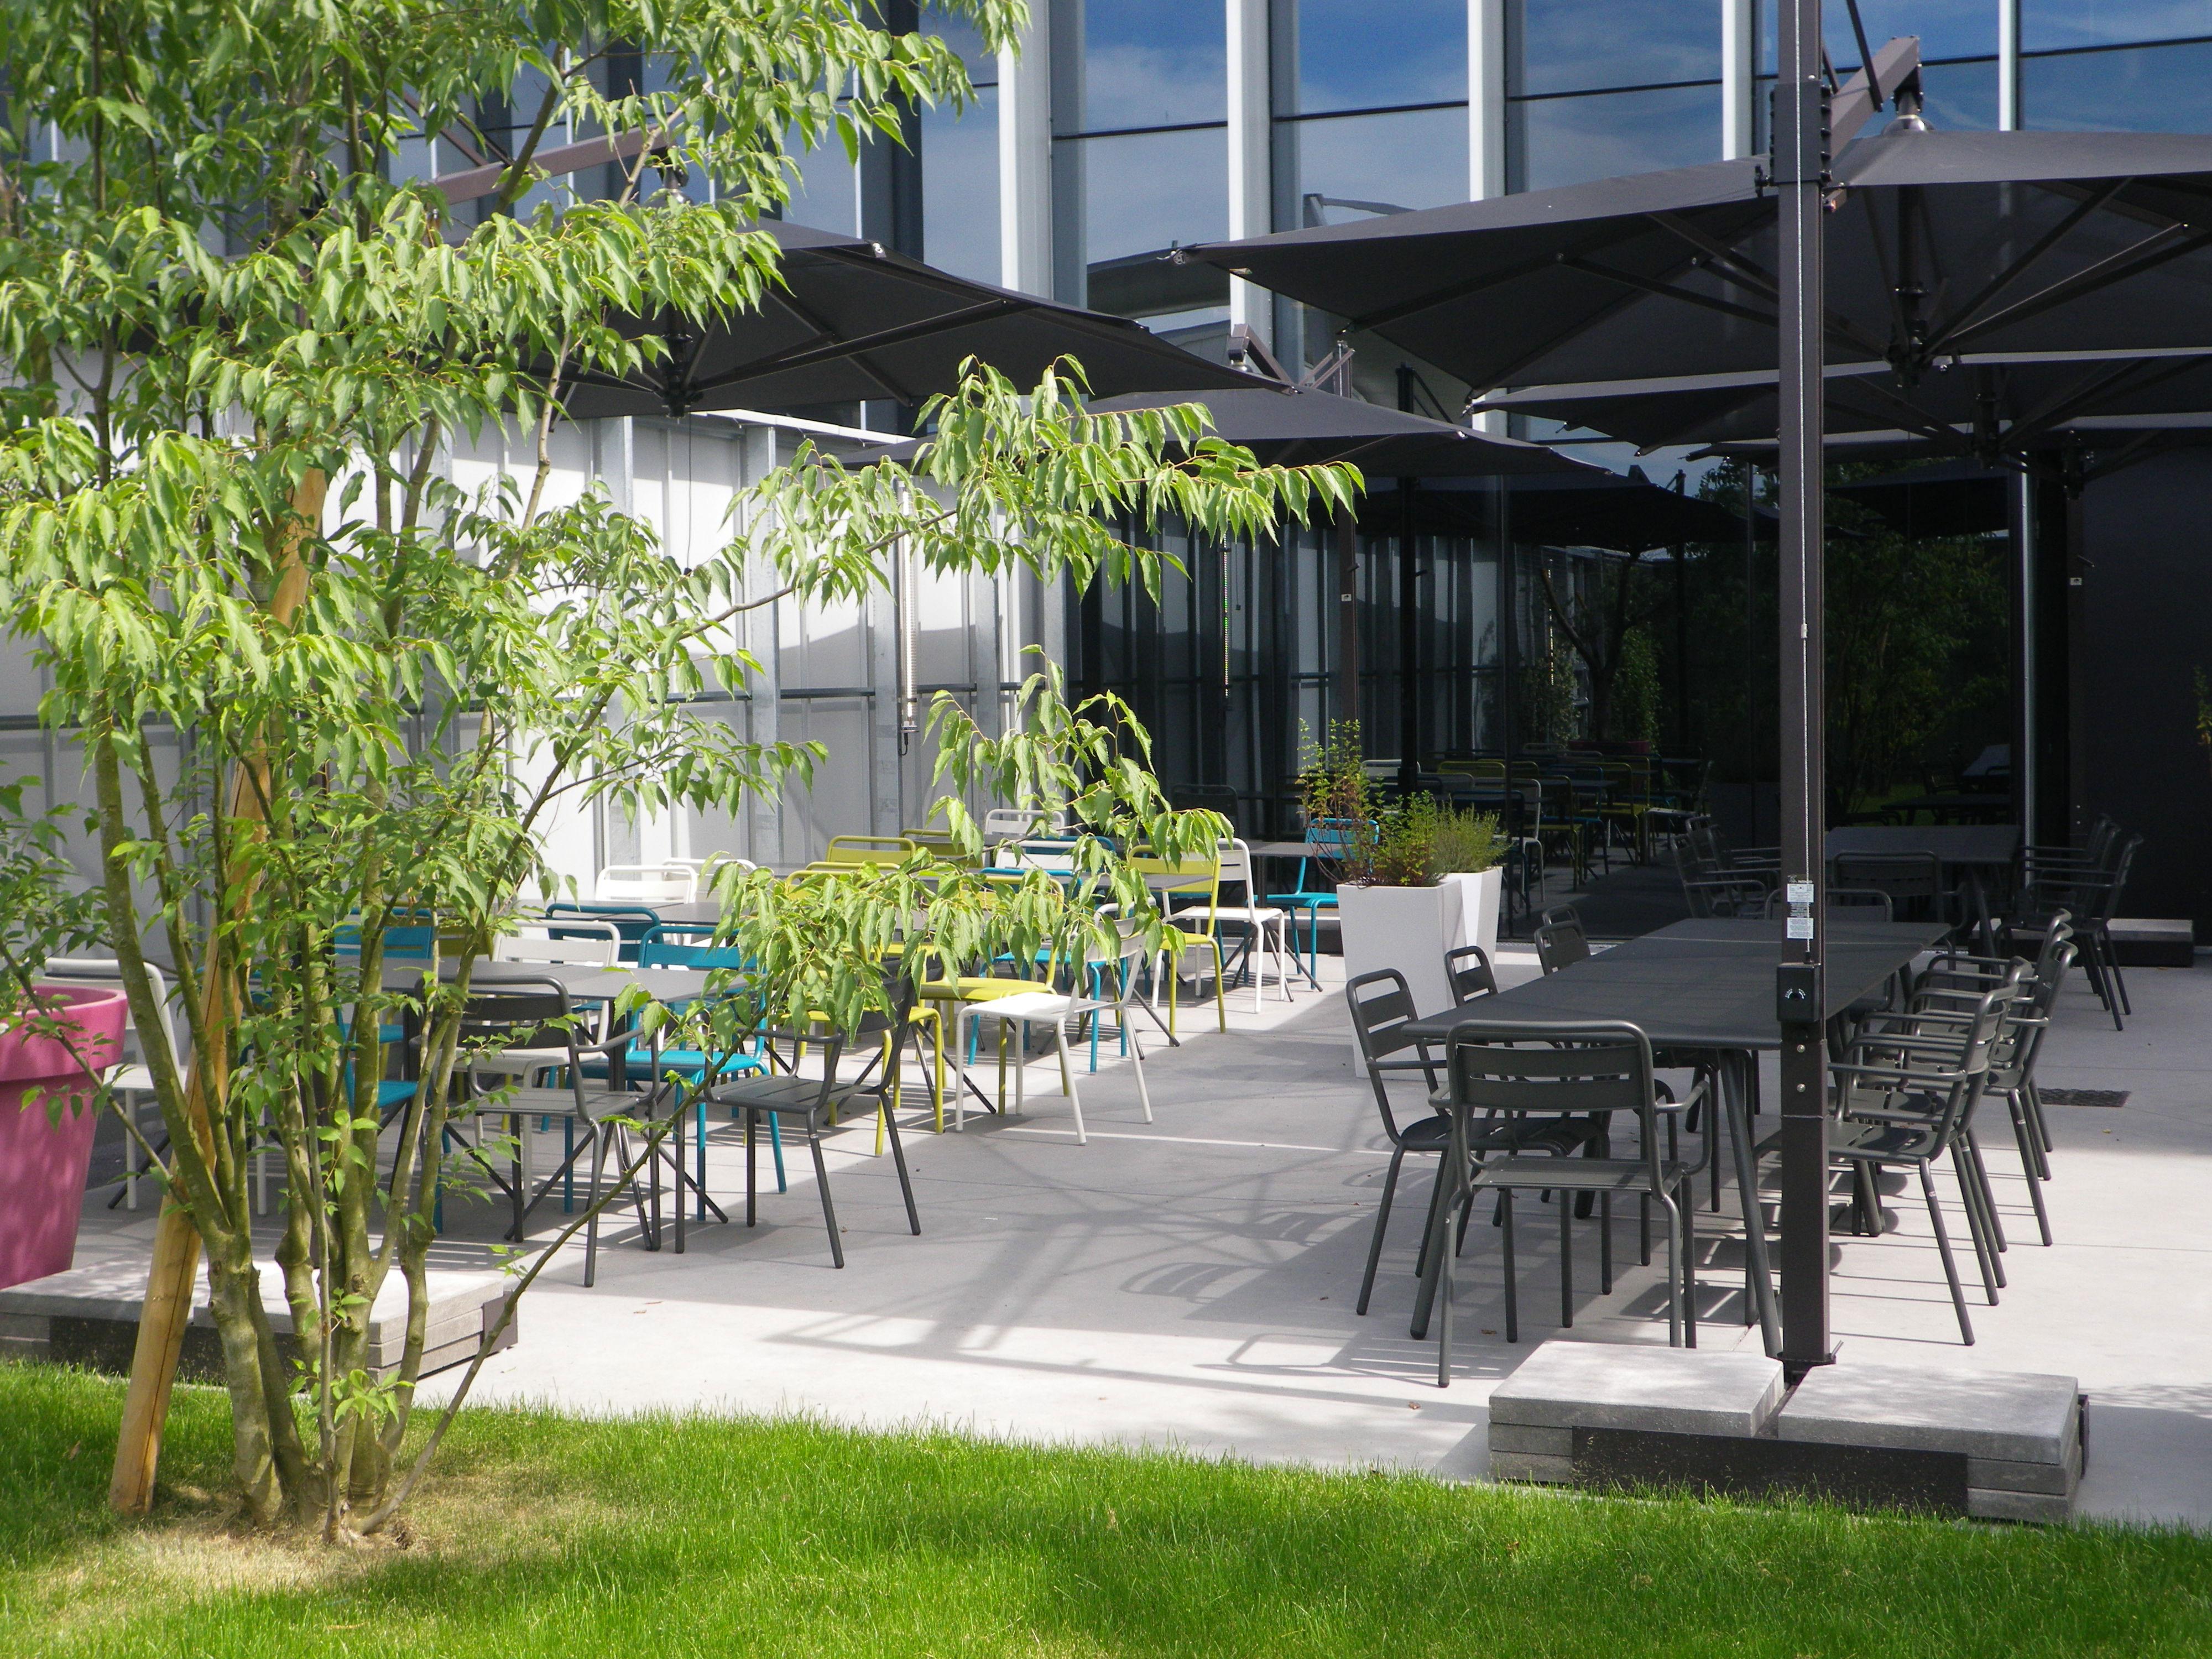 Mobilier brut et des couleurs épurées : tables en bois doux, chaises en bois clair et en alu associé à un extérieur moderne et coloré